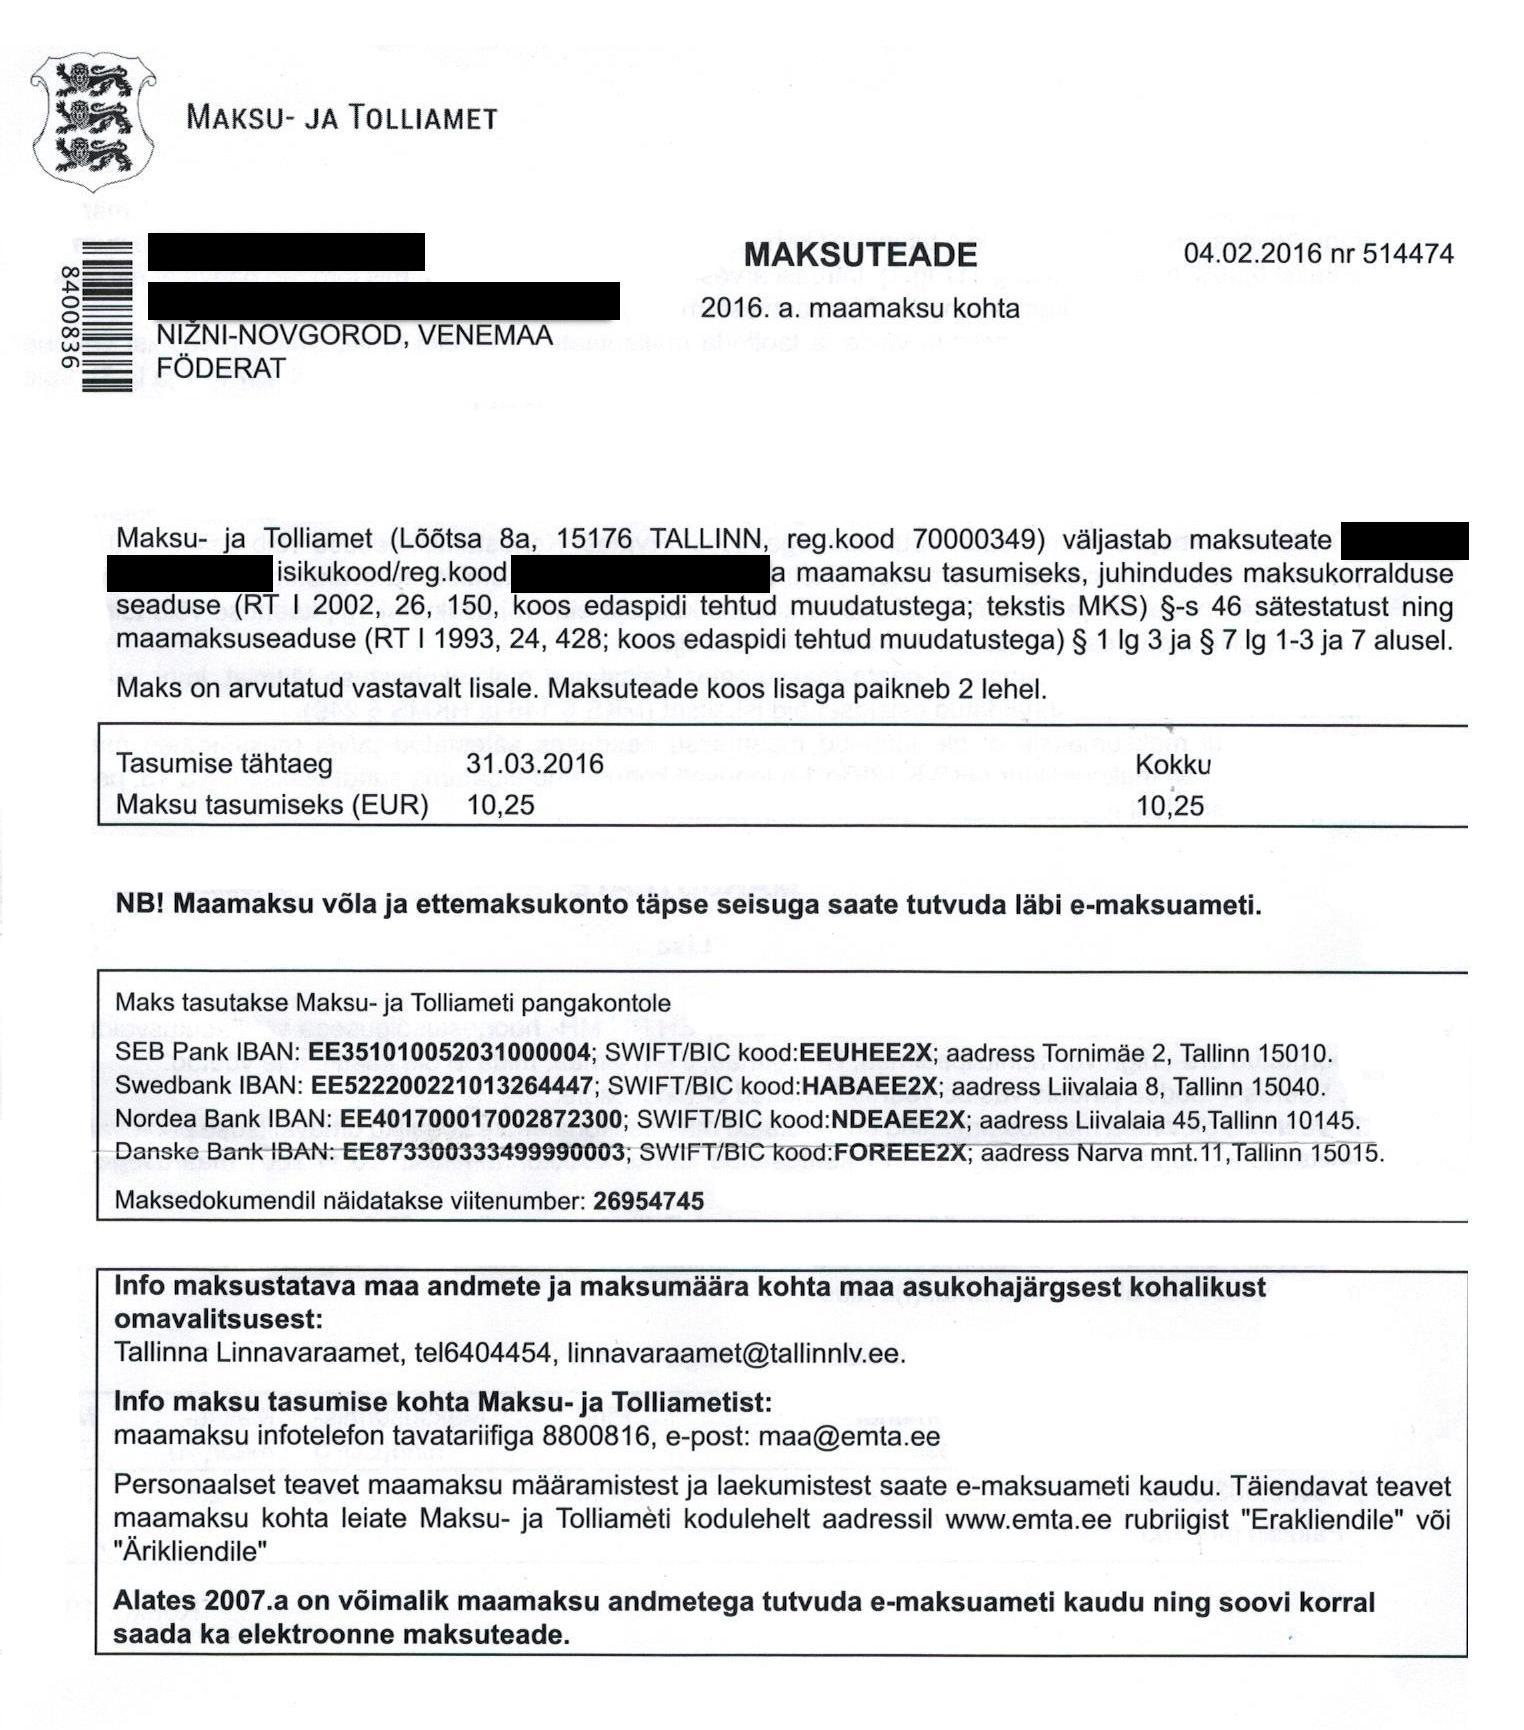 Налоговые квитанции я получаю по почте нароссийский адрес